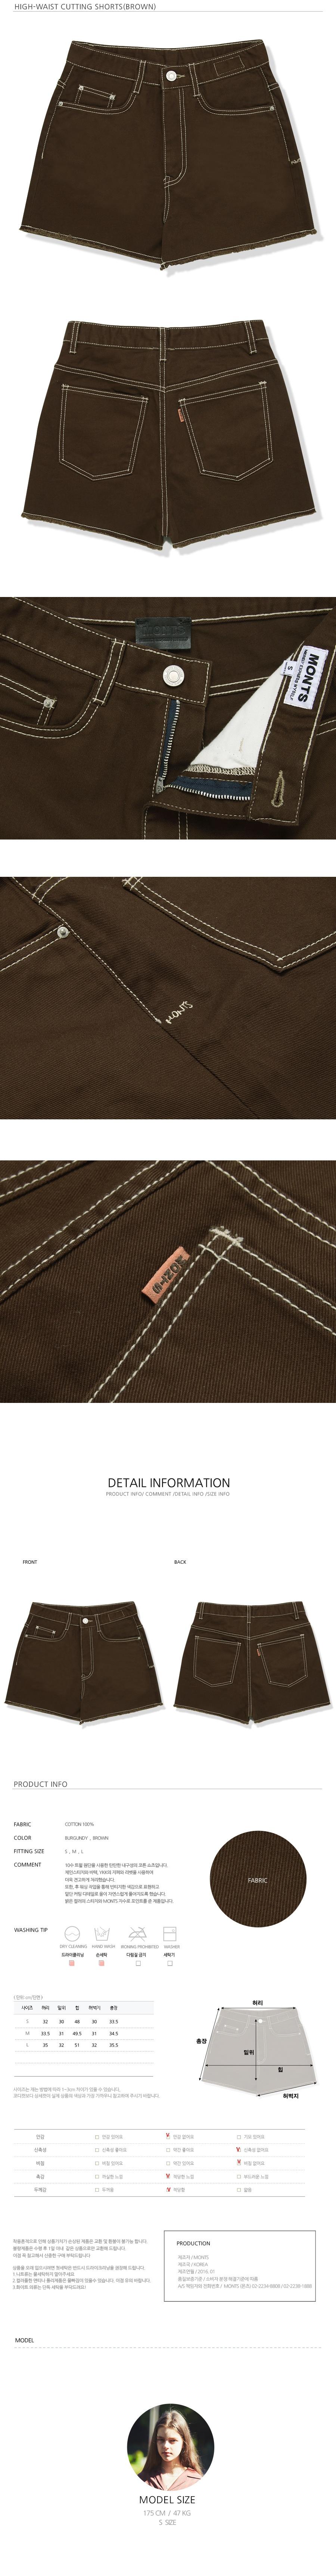 몬츠(MONTS) monts096 high-waist cutting shorts(brown)